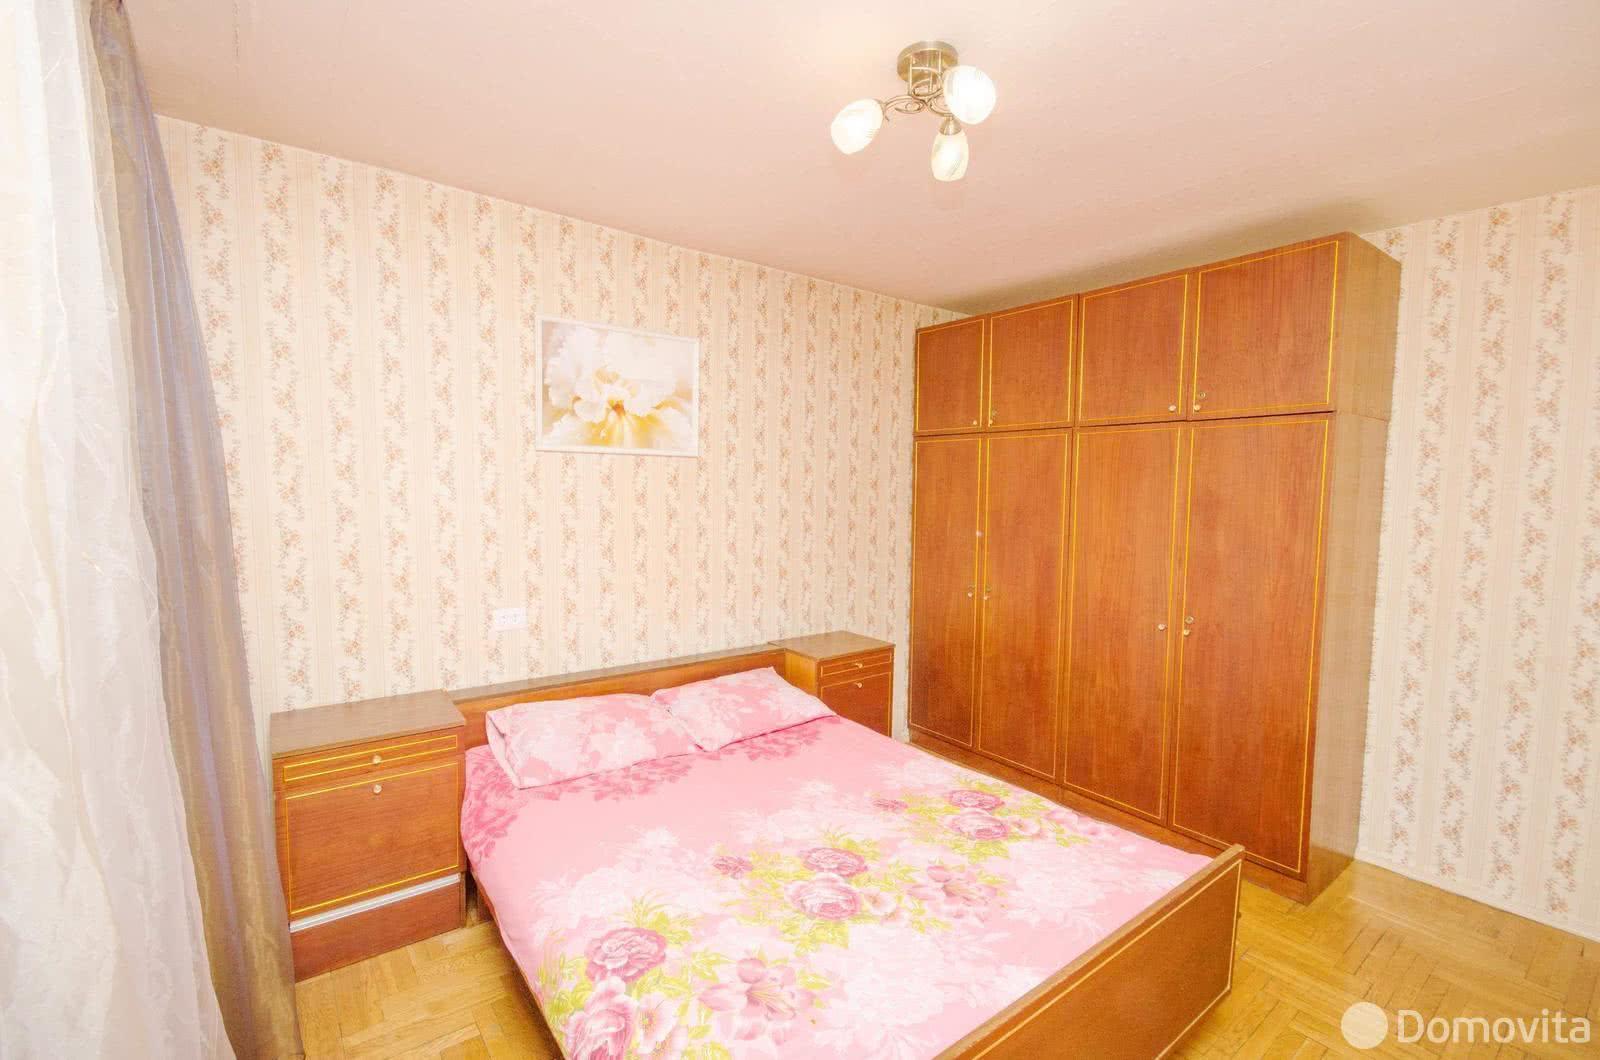 2-комнатная квартира на сутки в Минске ул. Немига, д. 10 - фото 5